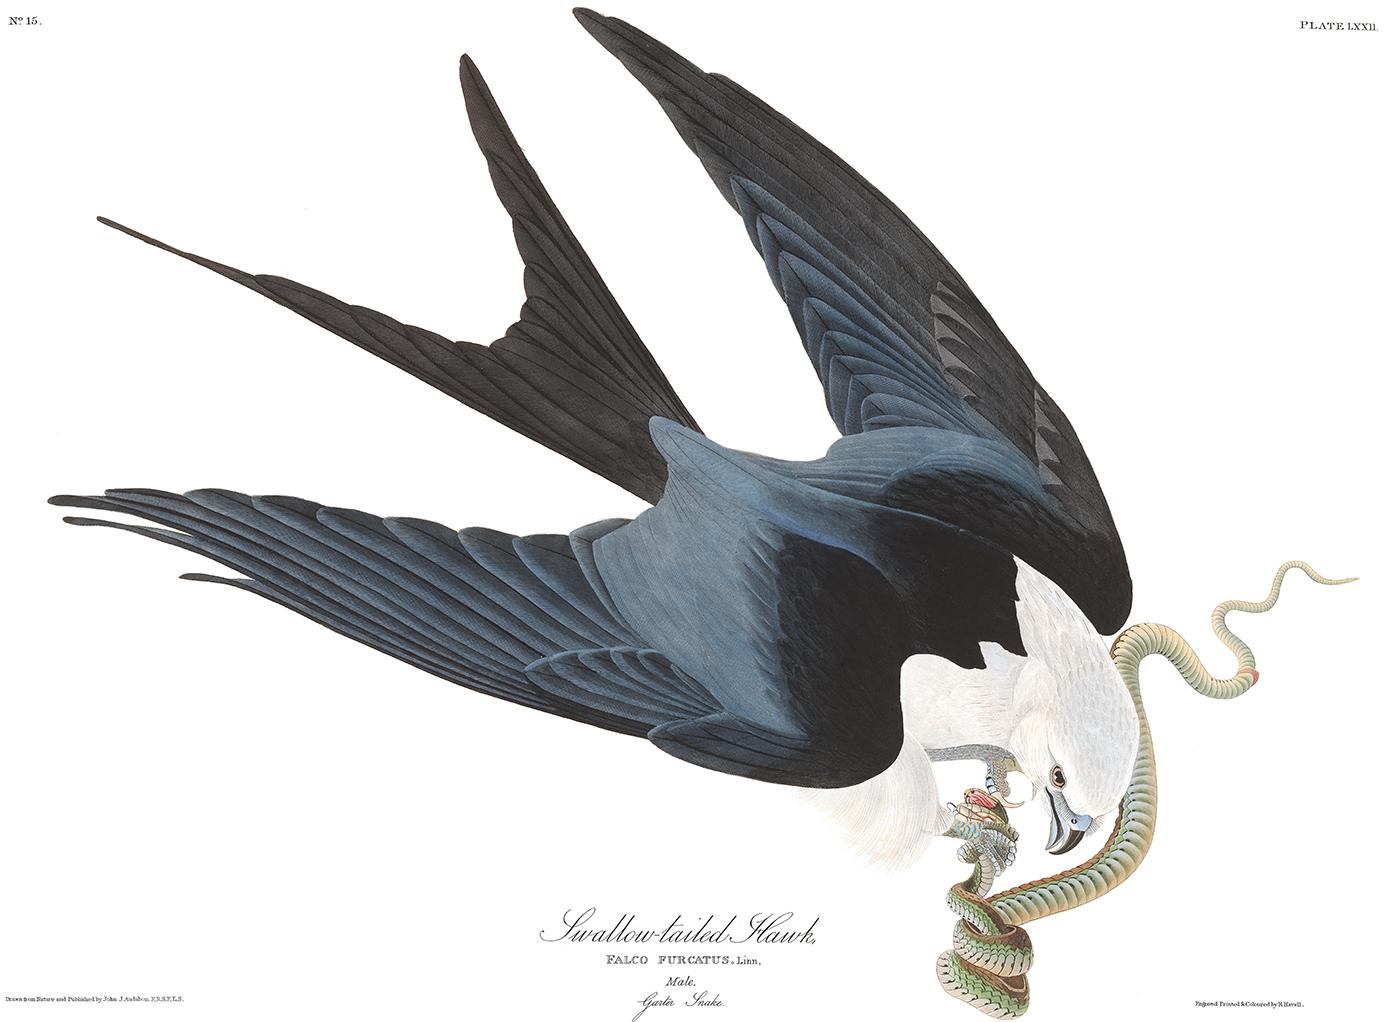 Swallow-tailed Kite, by John James Audubon